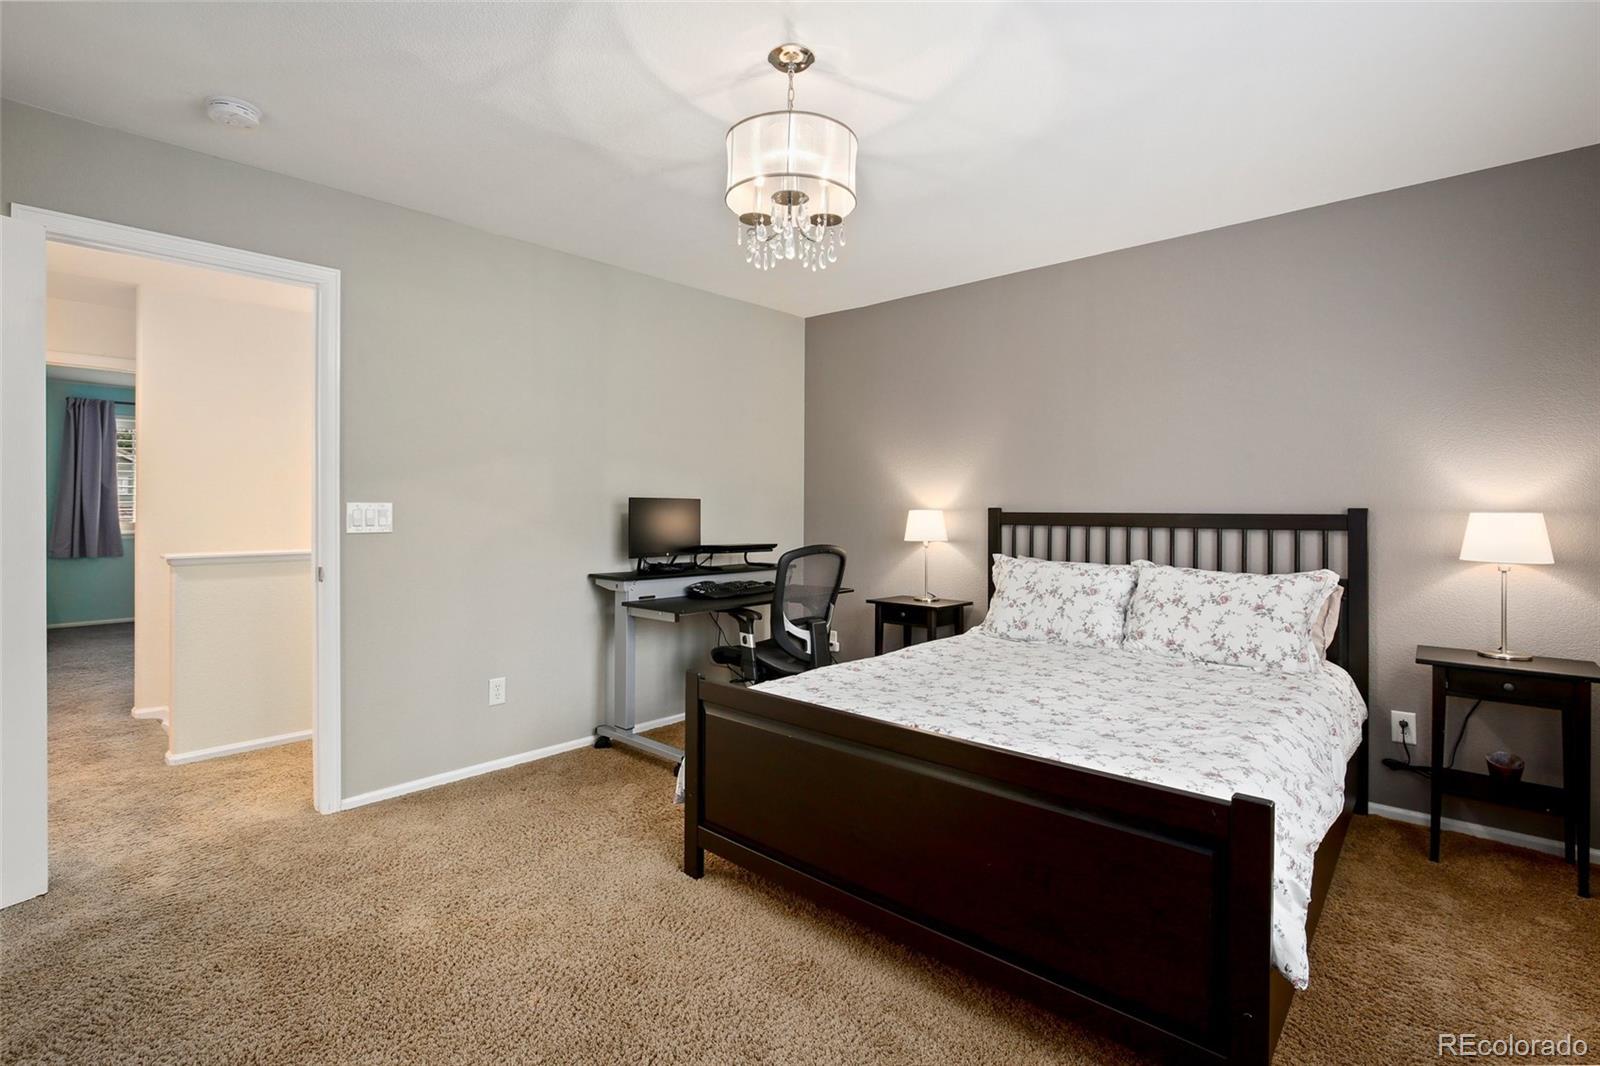 MLS# 7235158 - 21 - 3151 Huron Peak Avenue, Superior, CO 80027